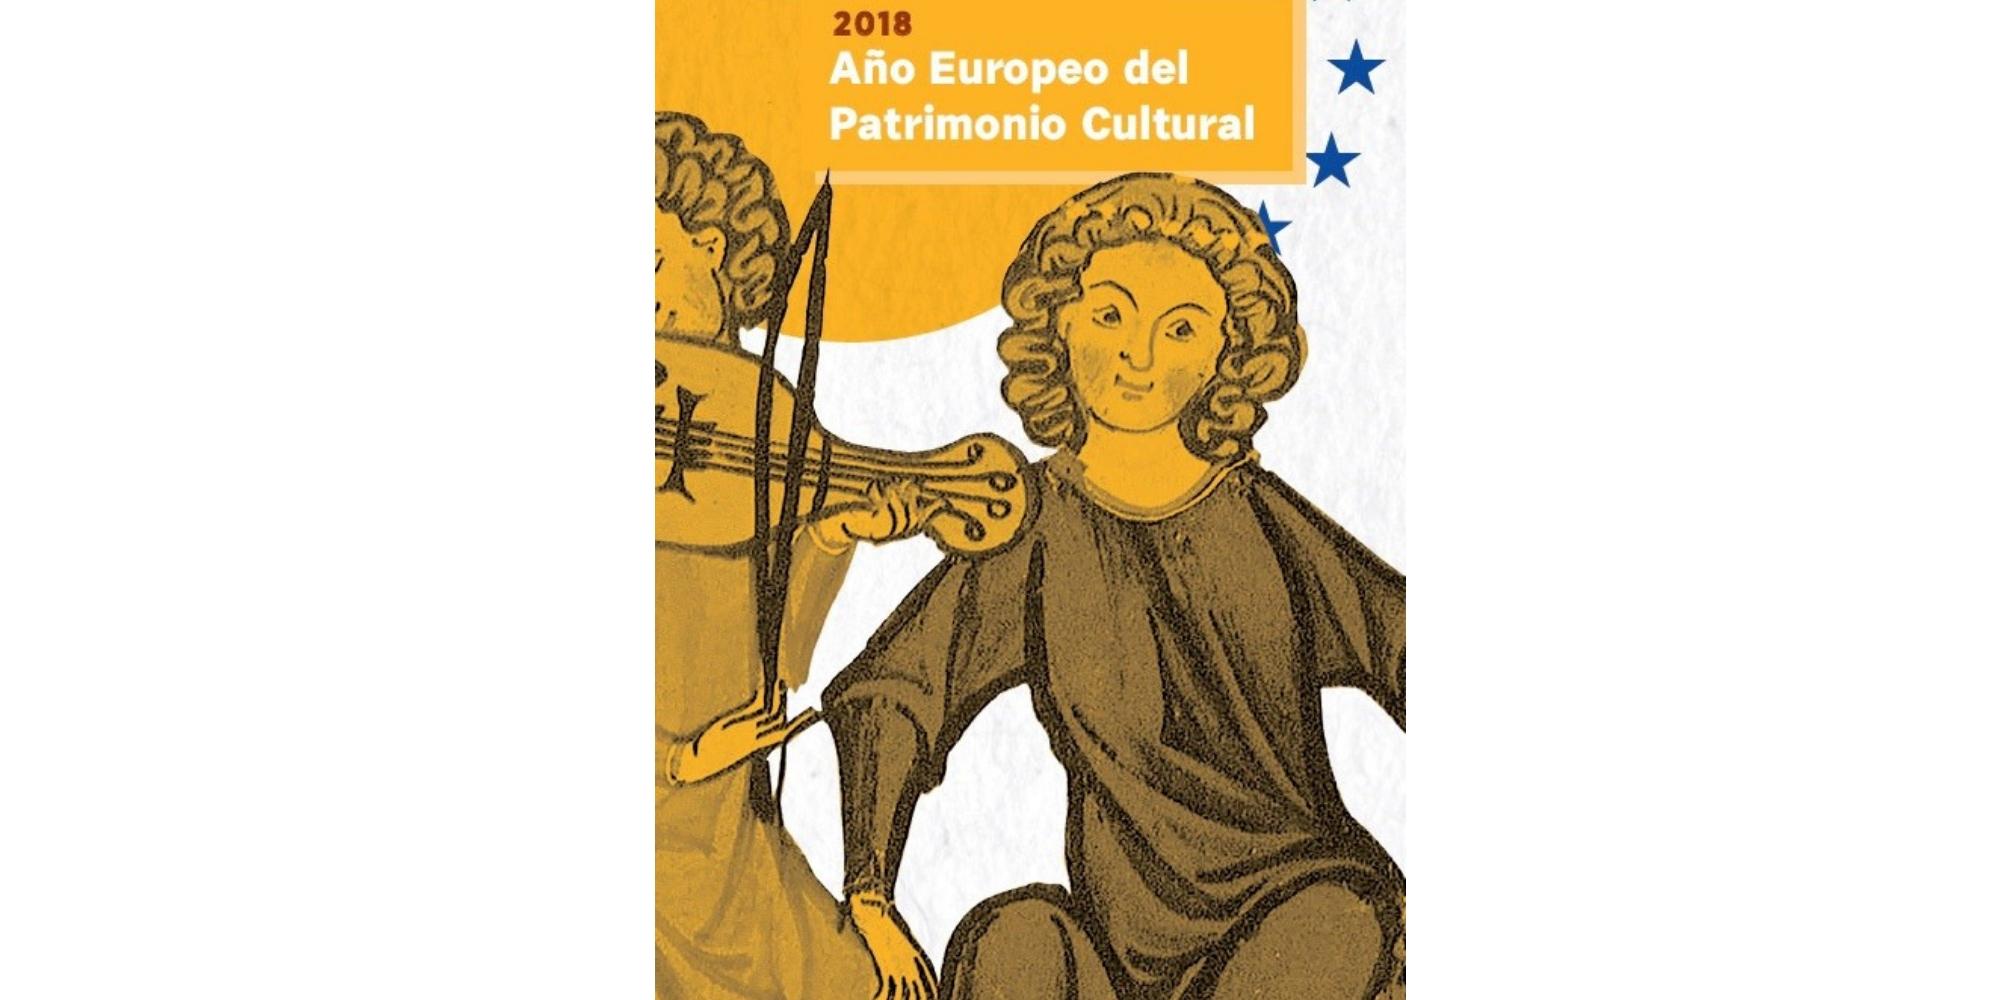 El 12 de septiembre participamos en las Jornadas sobre Patrimonio Europeo en Santillana del Mar (Cantabria)